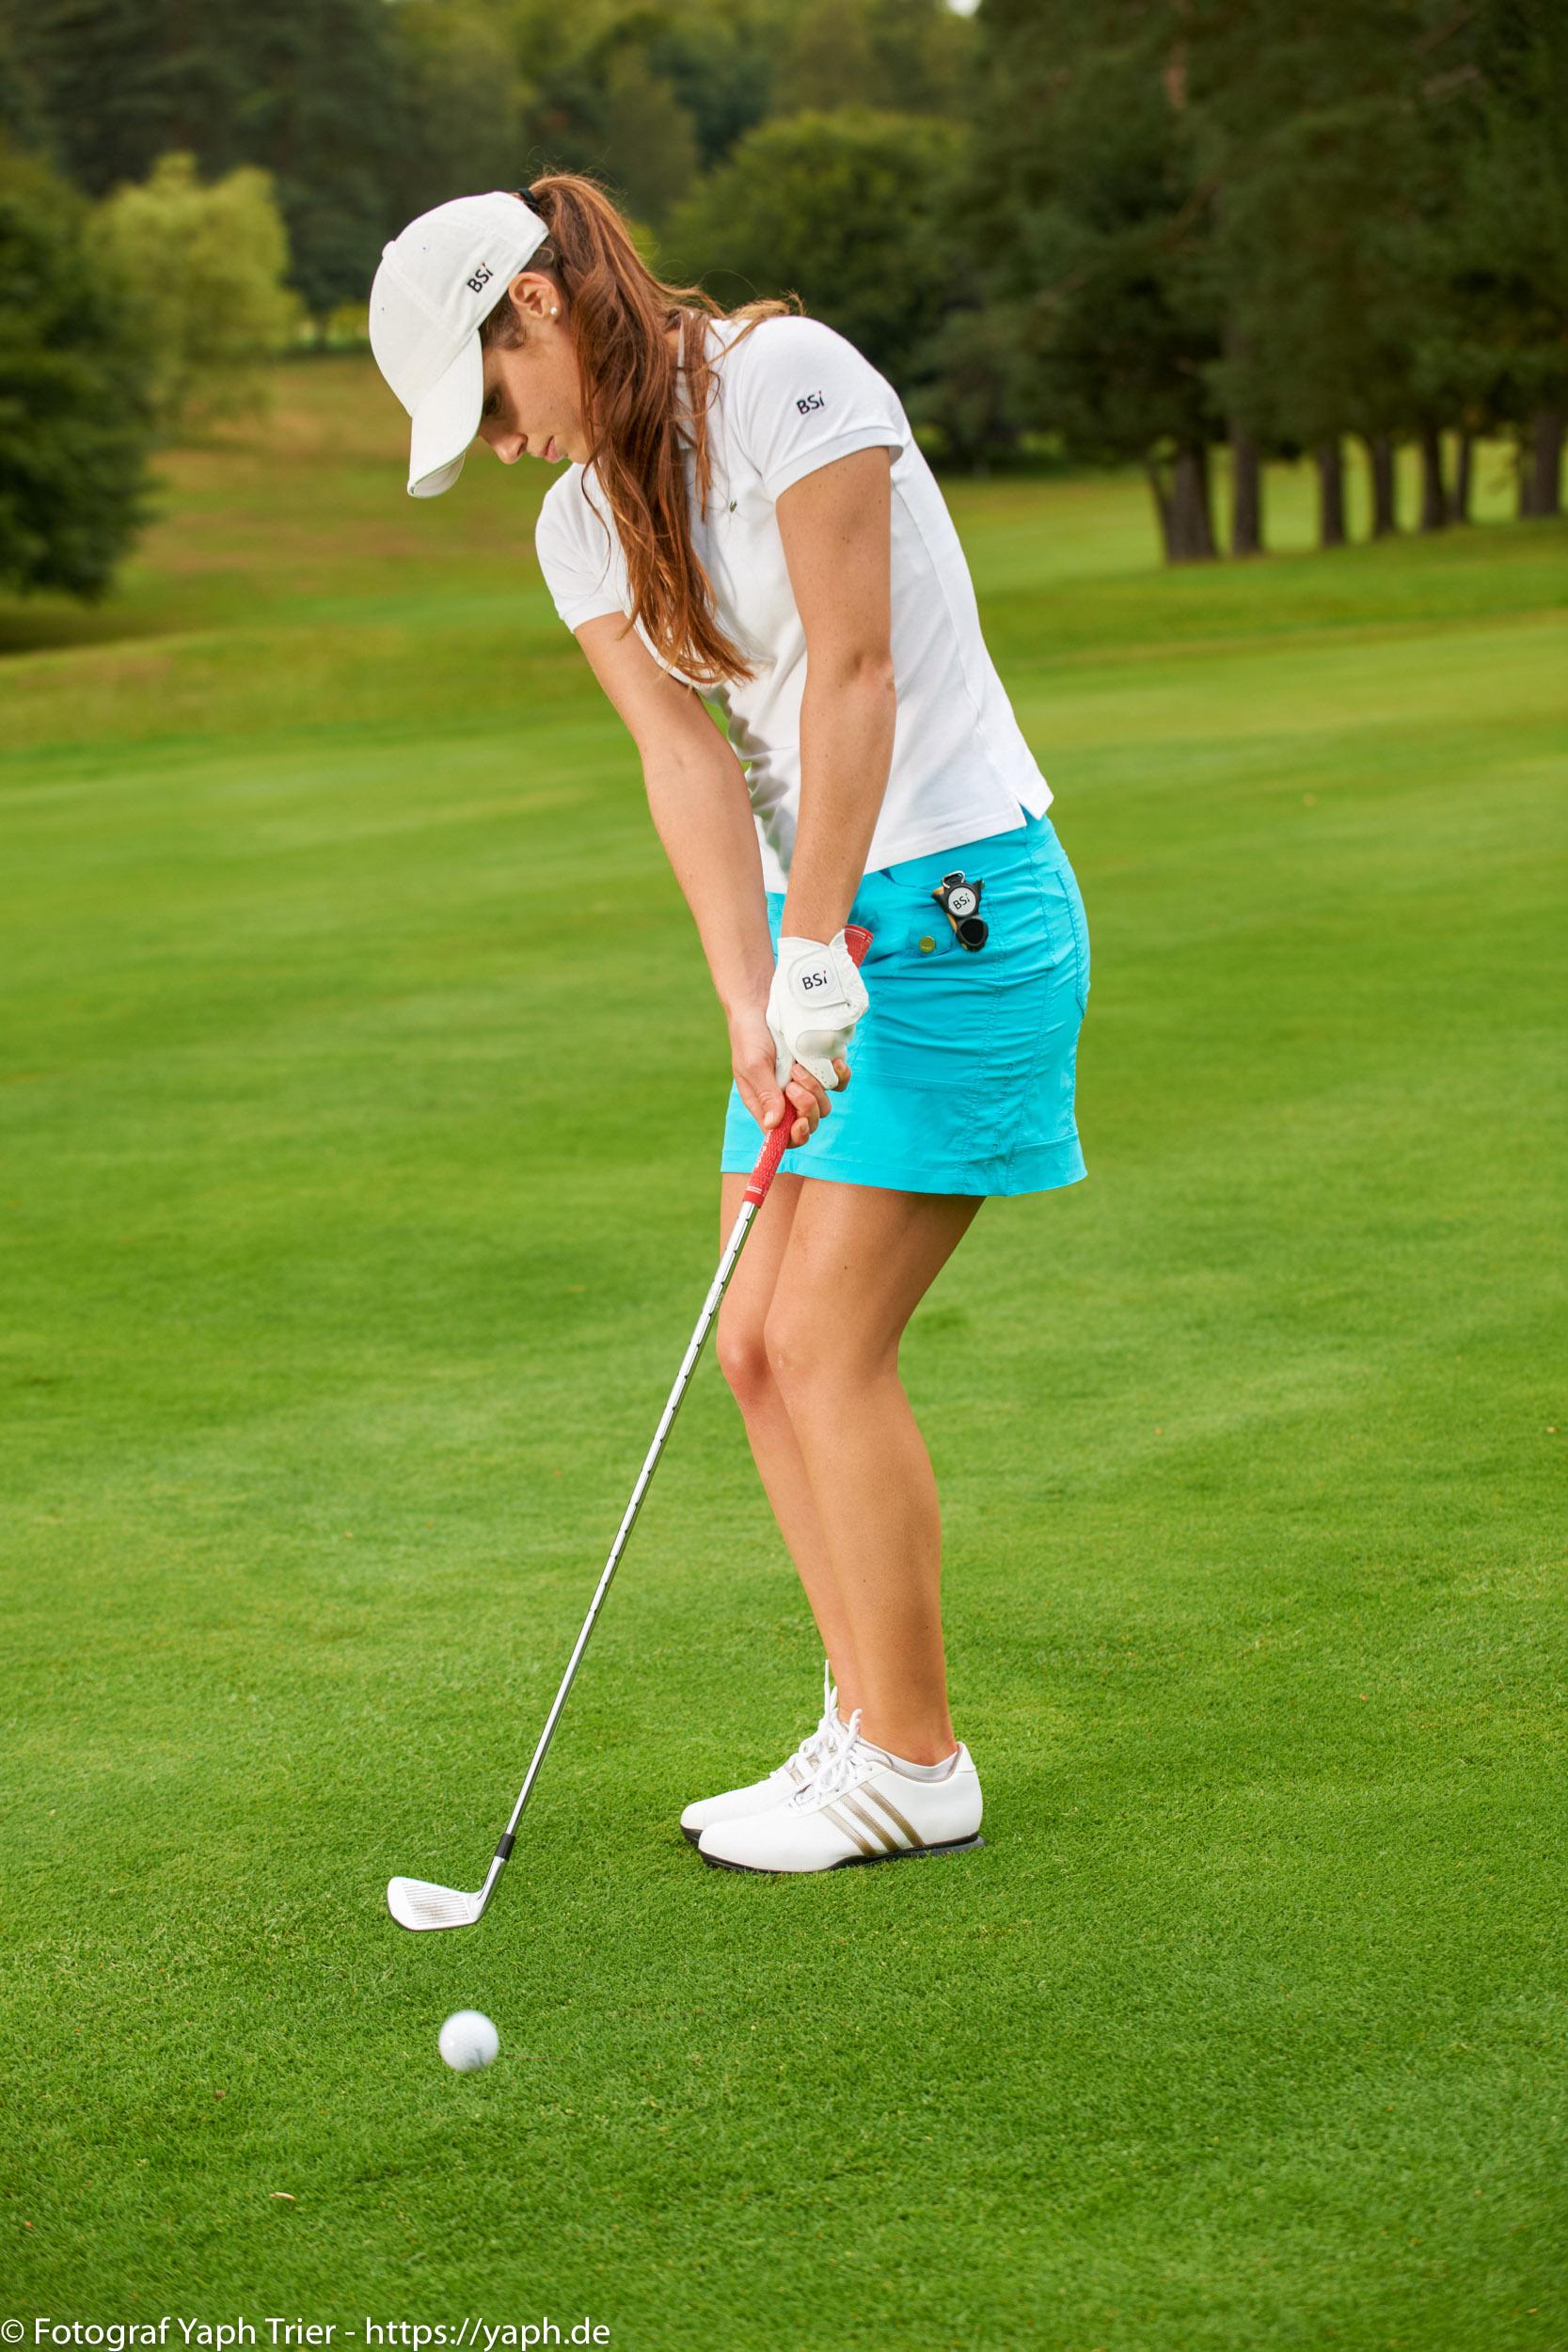 Liebelei Elena Lawrence - luxemburger Golfspielerin bei Fotograf Yaph - 33